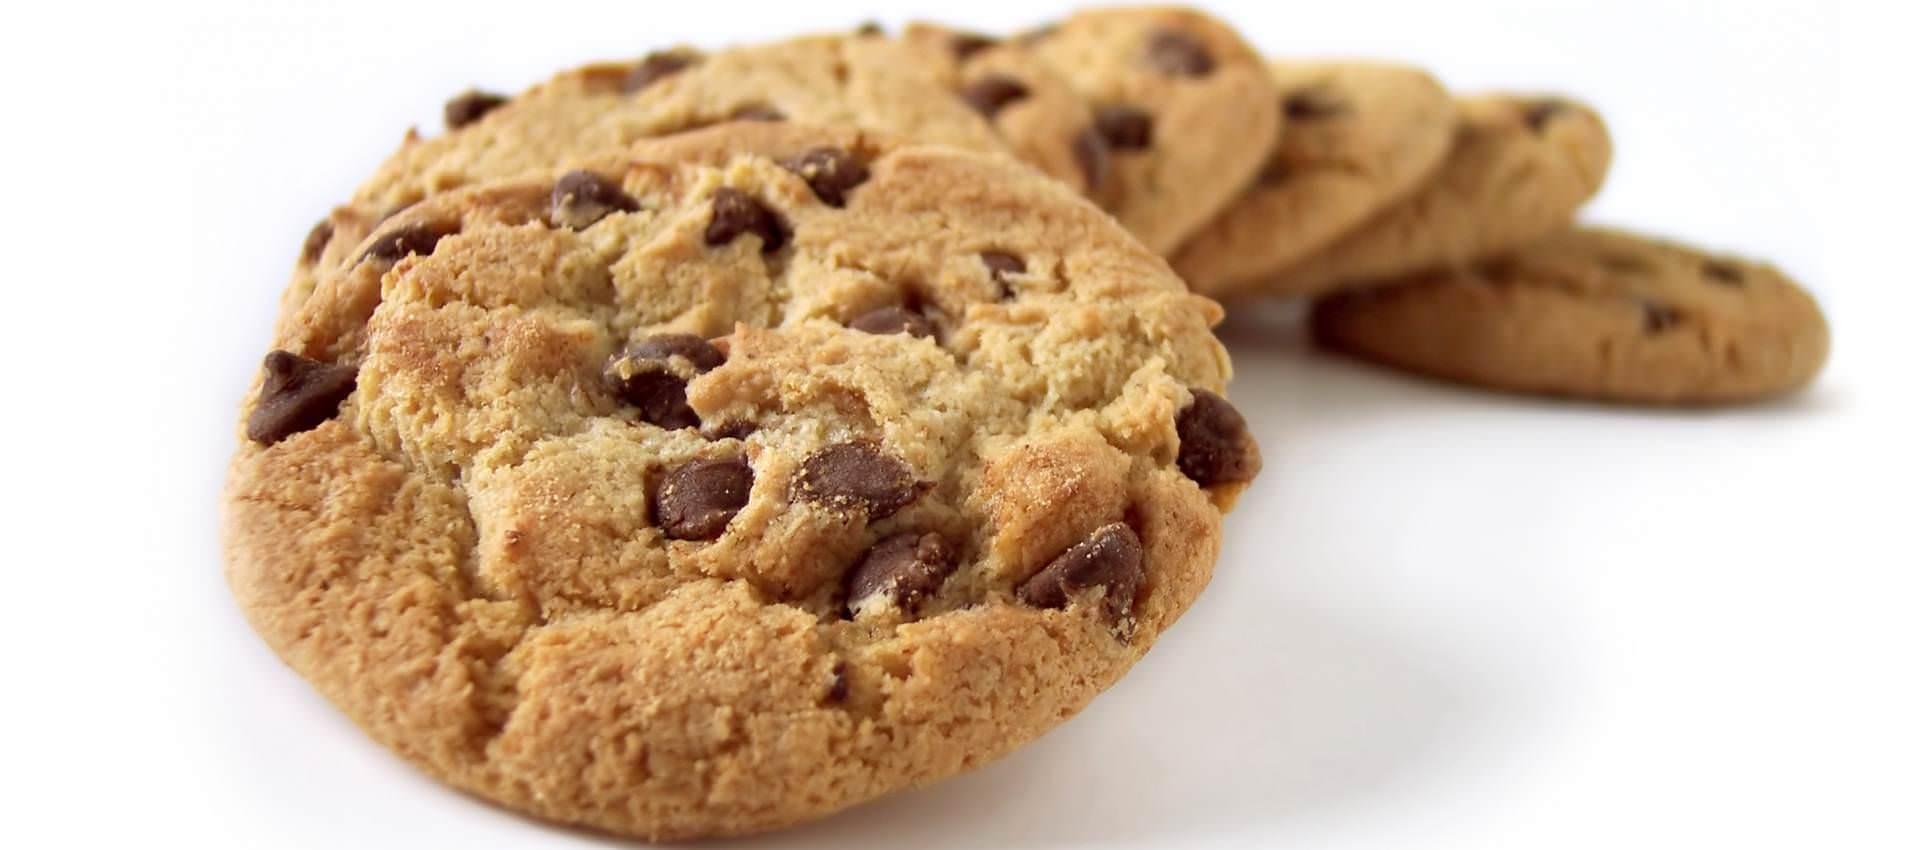 Recette des cookies recette de cuisine americaine recette - Recette traditionnelle cuisine americaine ...